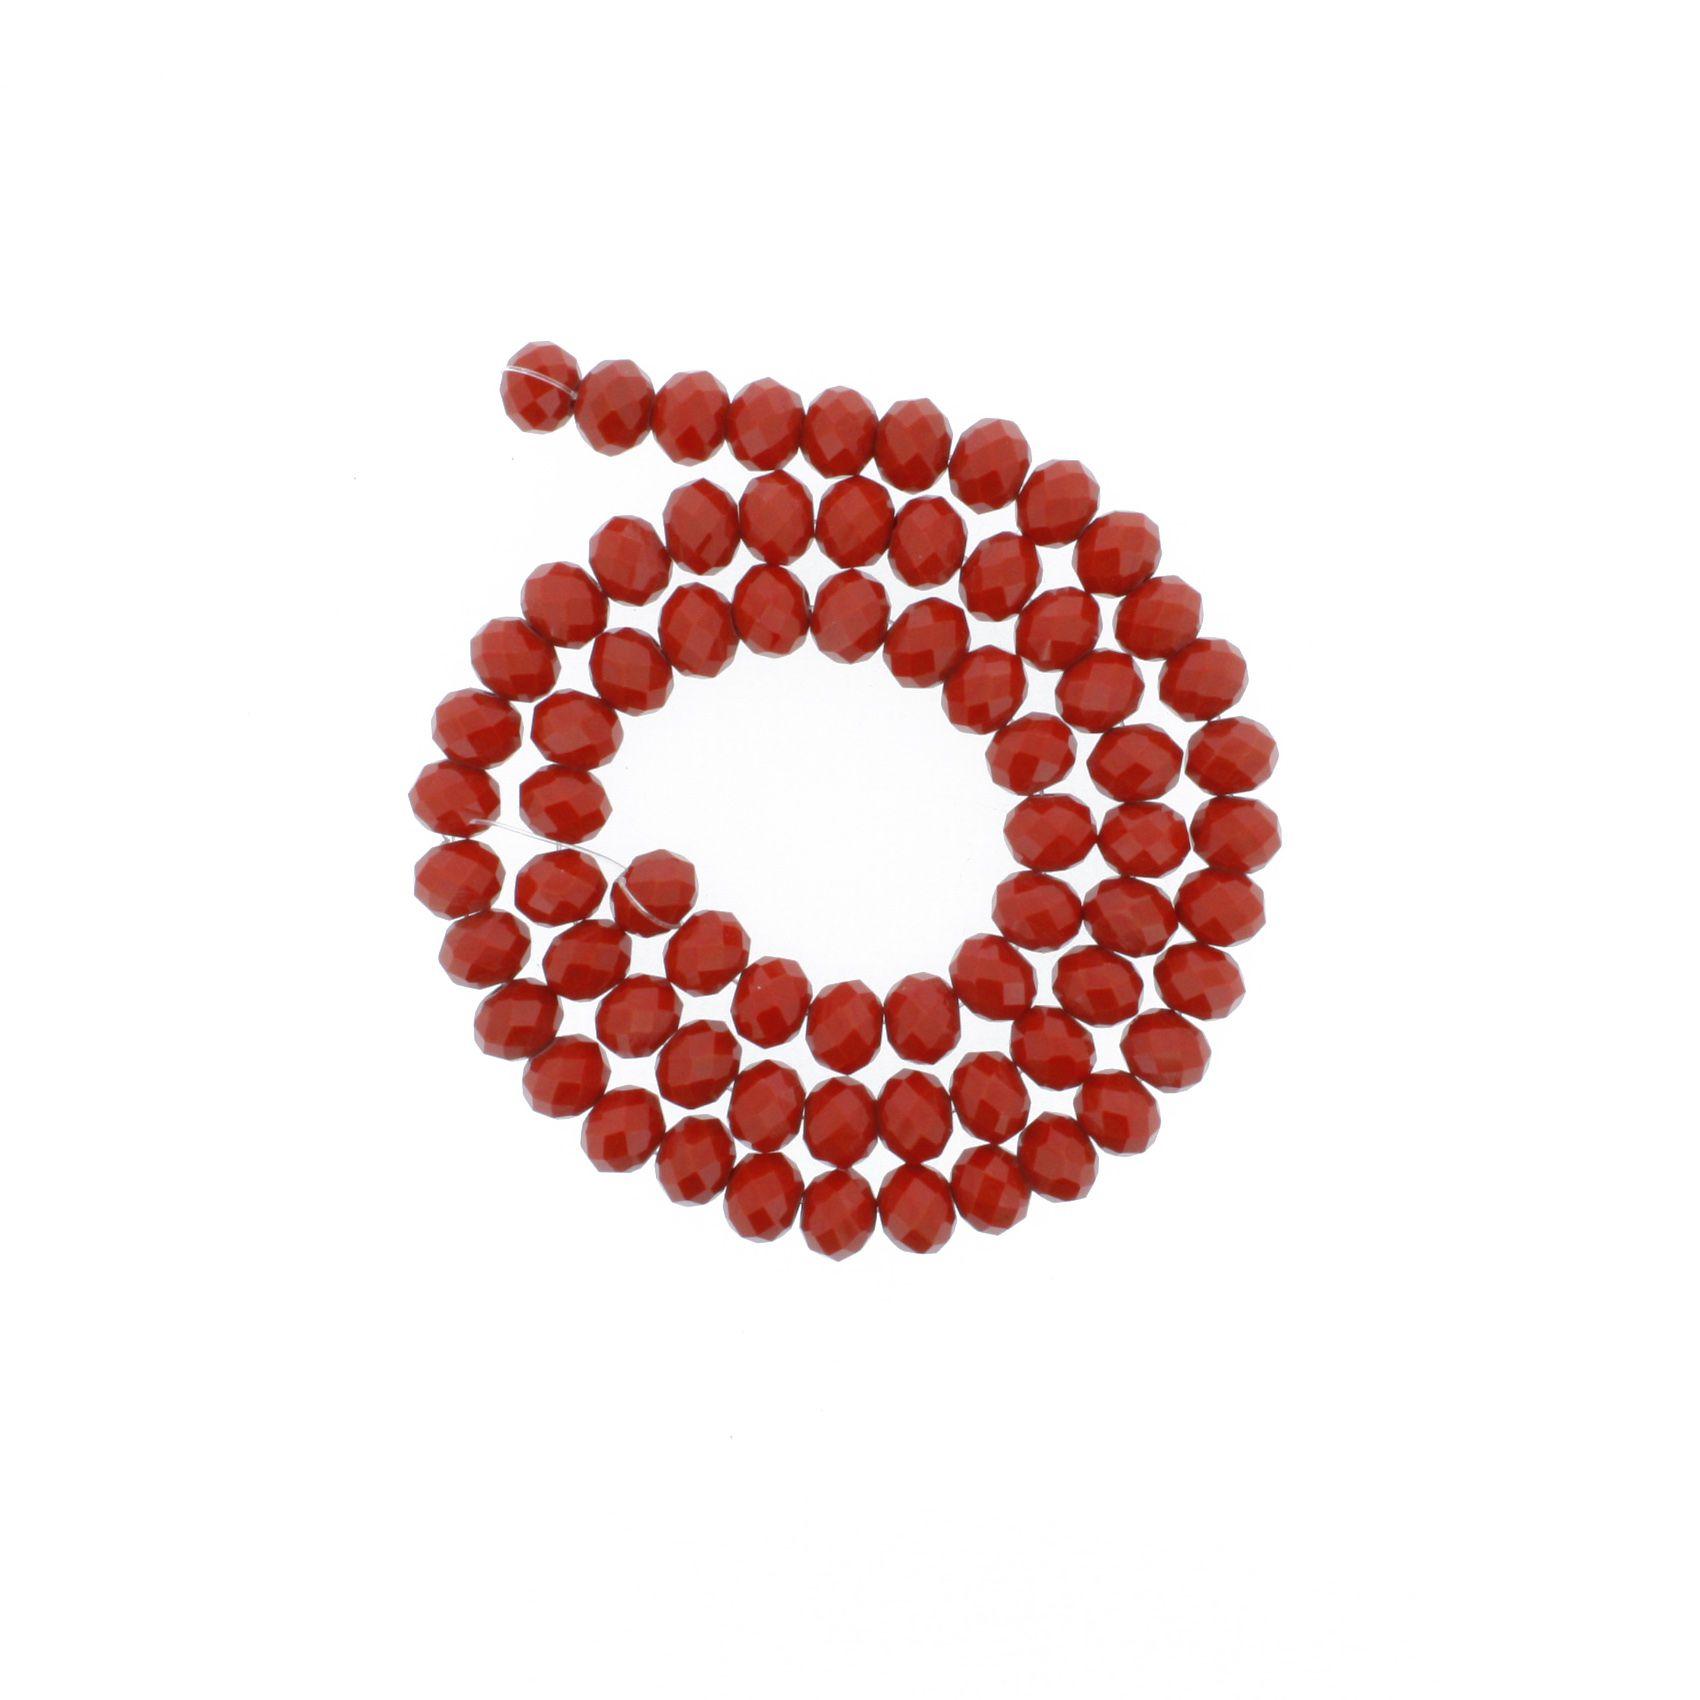 Fio de Cristal - Piatto® - Vermelho - 8mm  - Universo Religioso® - Artigos de Umbanda e Candomblé